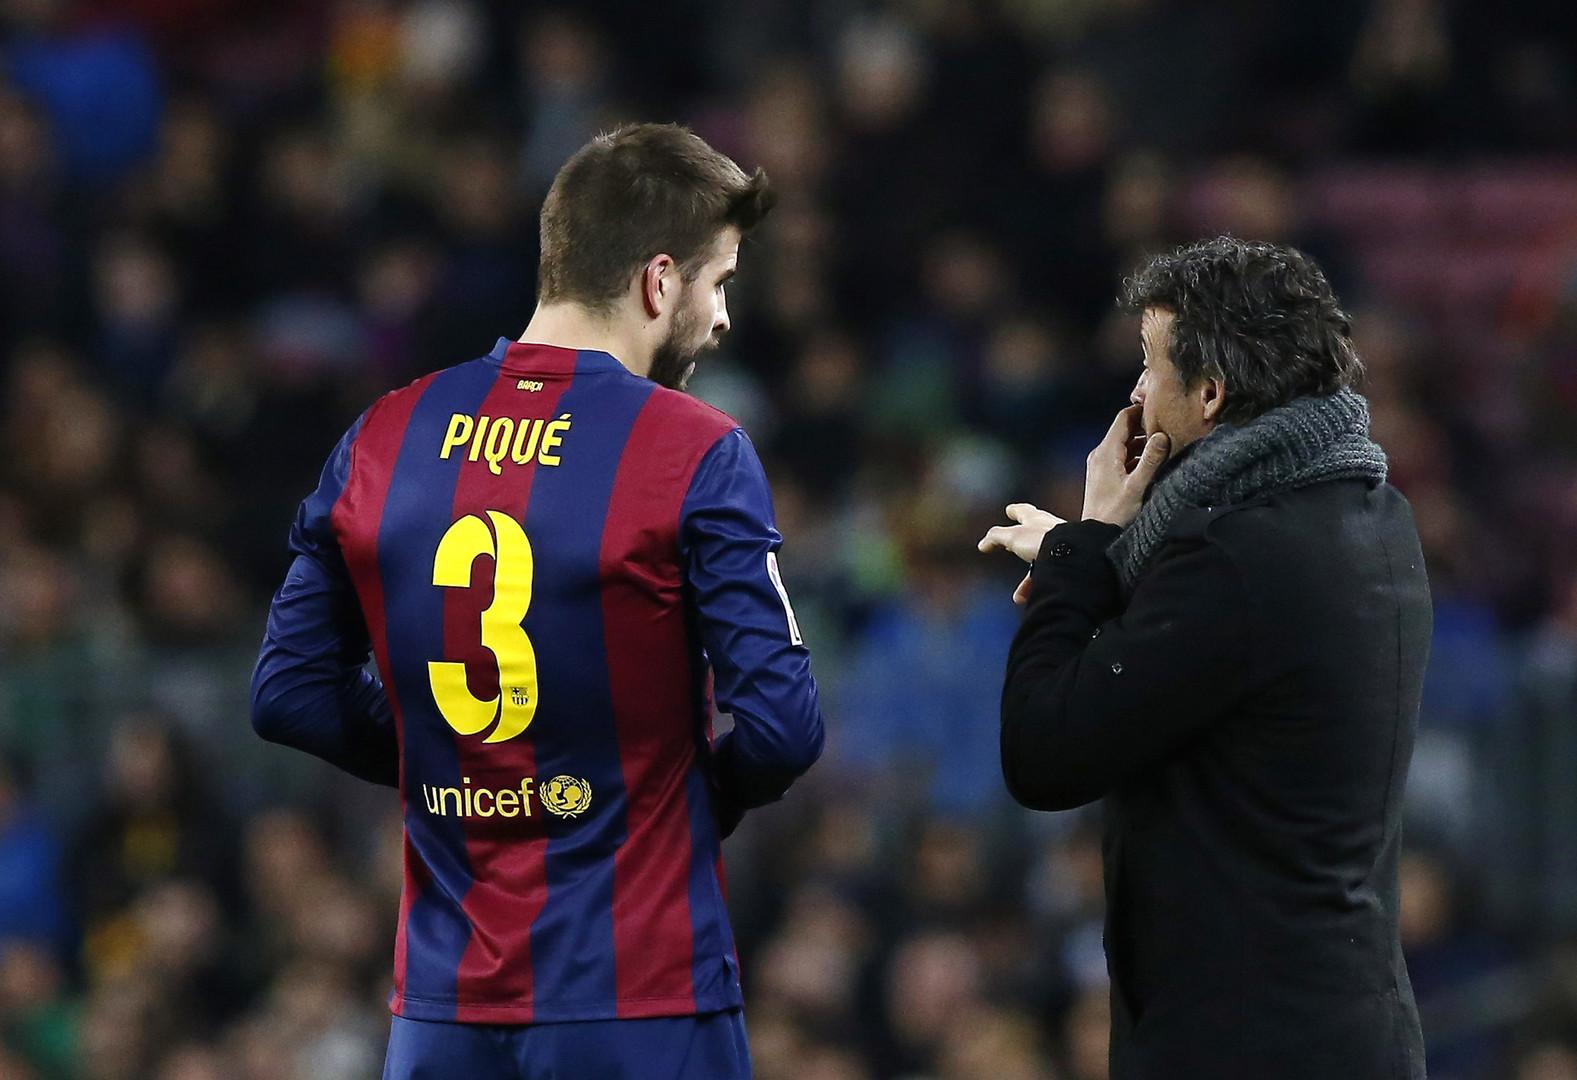 مدرب برشلونة يحذر من الثقة الزائدة أمام قرطبة